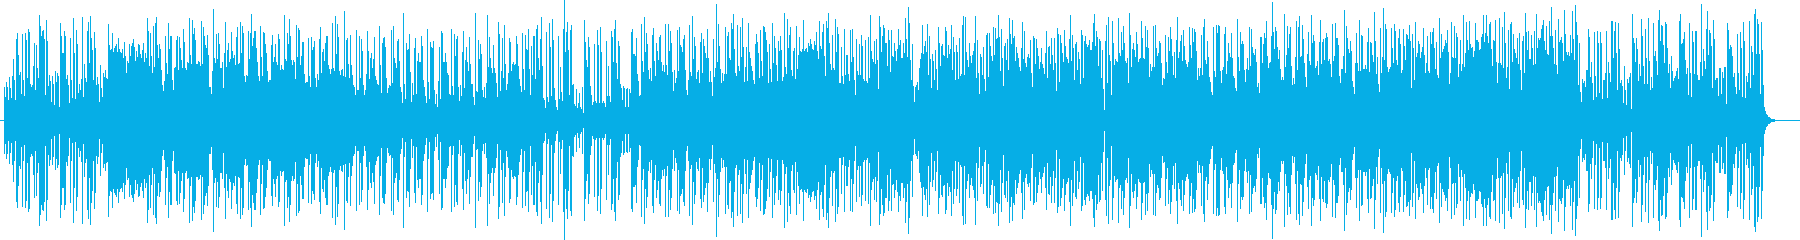 楽しいキーボードのポップスの再生済みの波形